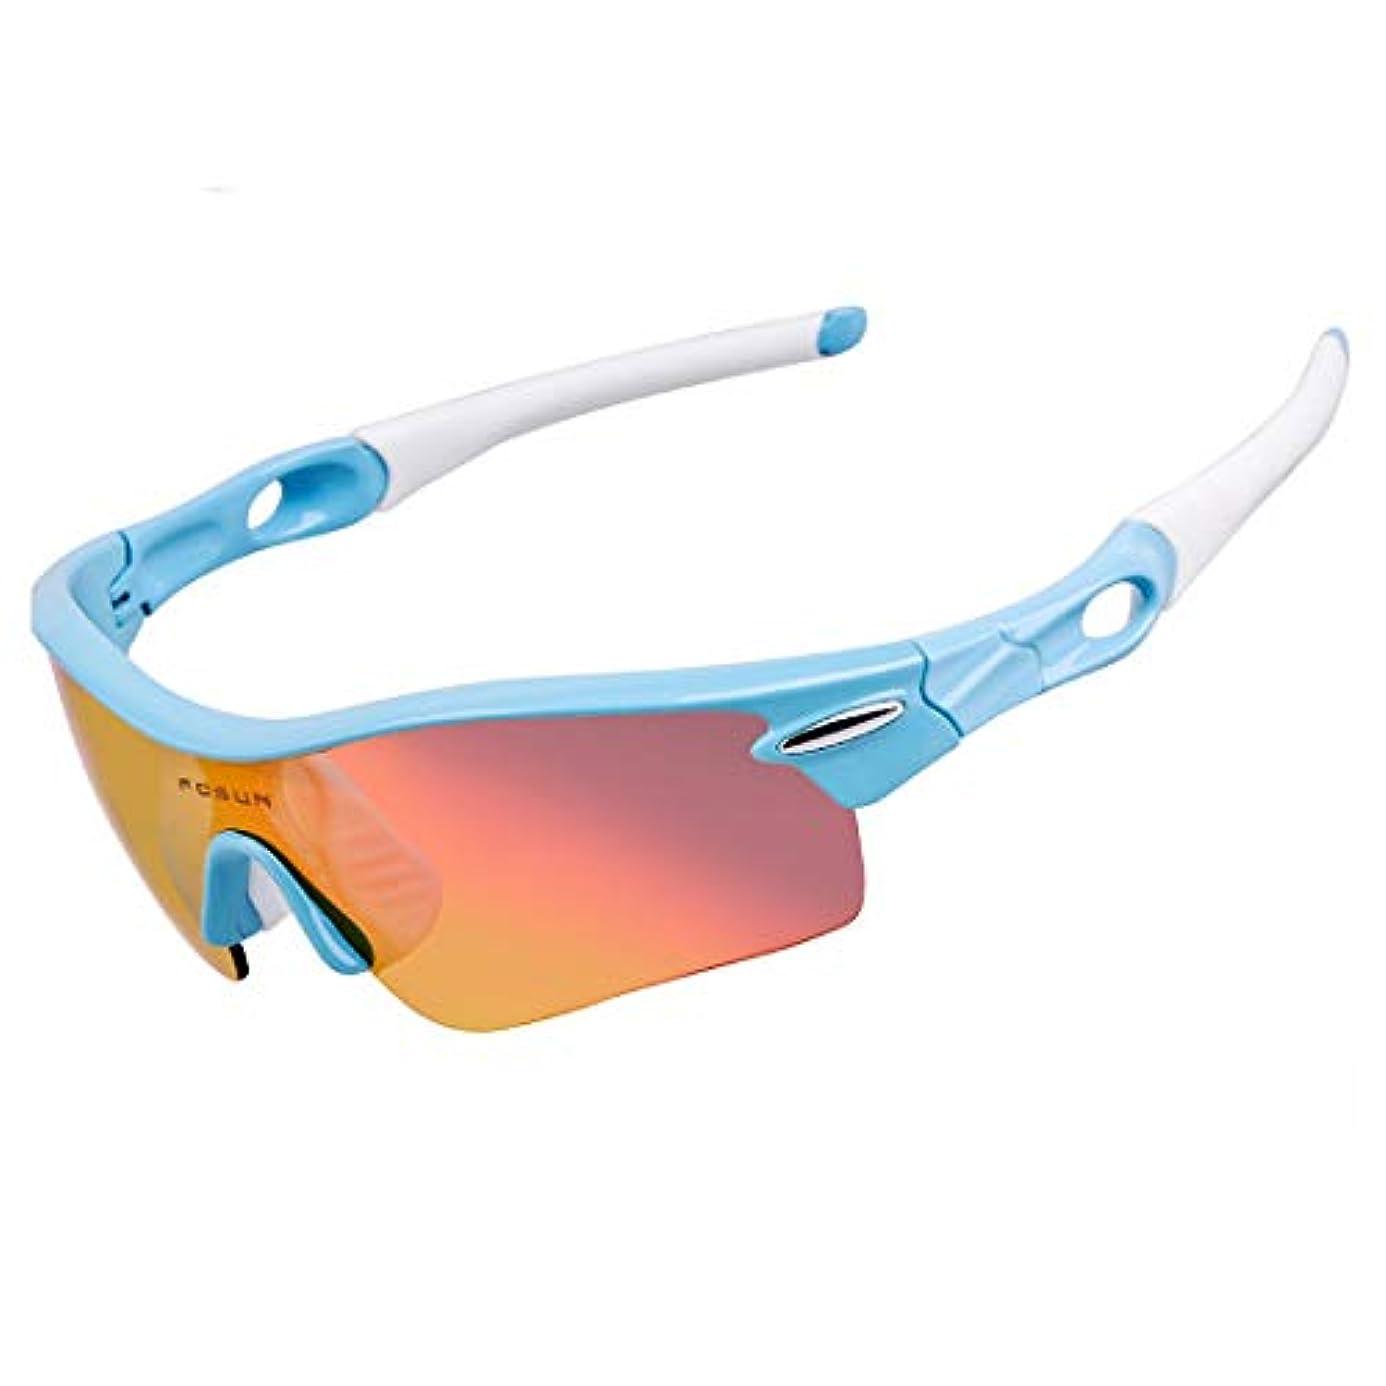 ライド透過性第サングラス 頑丈なTR90フレームユニセックス偏光スポーツサングラス、5個入り交換可能レンズサイクリング野球ランニングフィッシングドライビングゴルフ。, ファッションサングラス